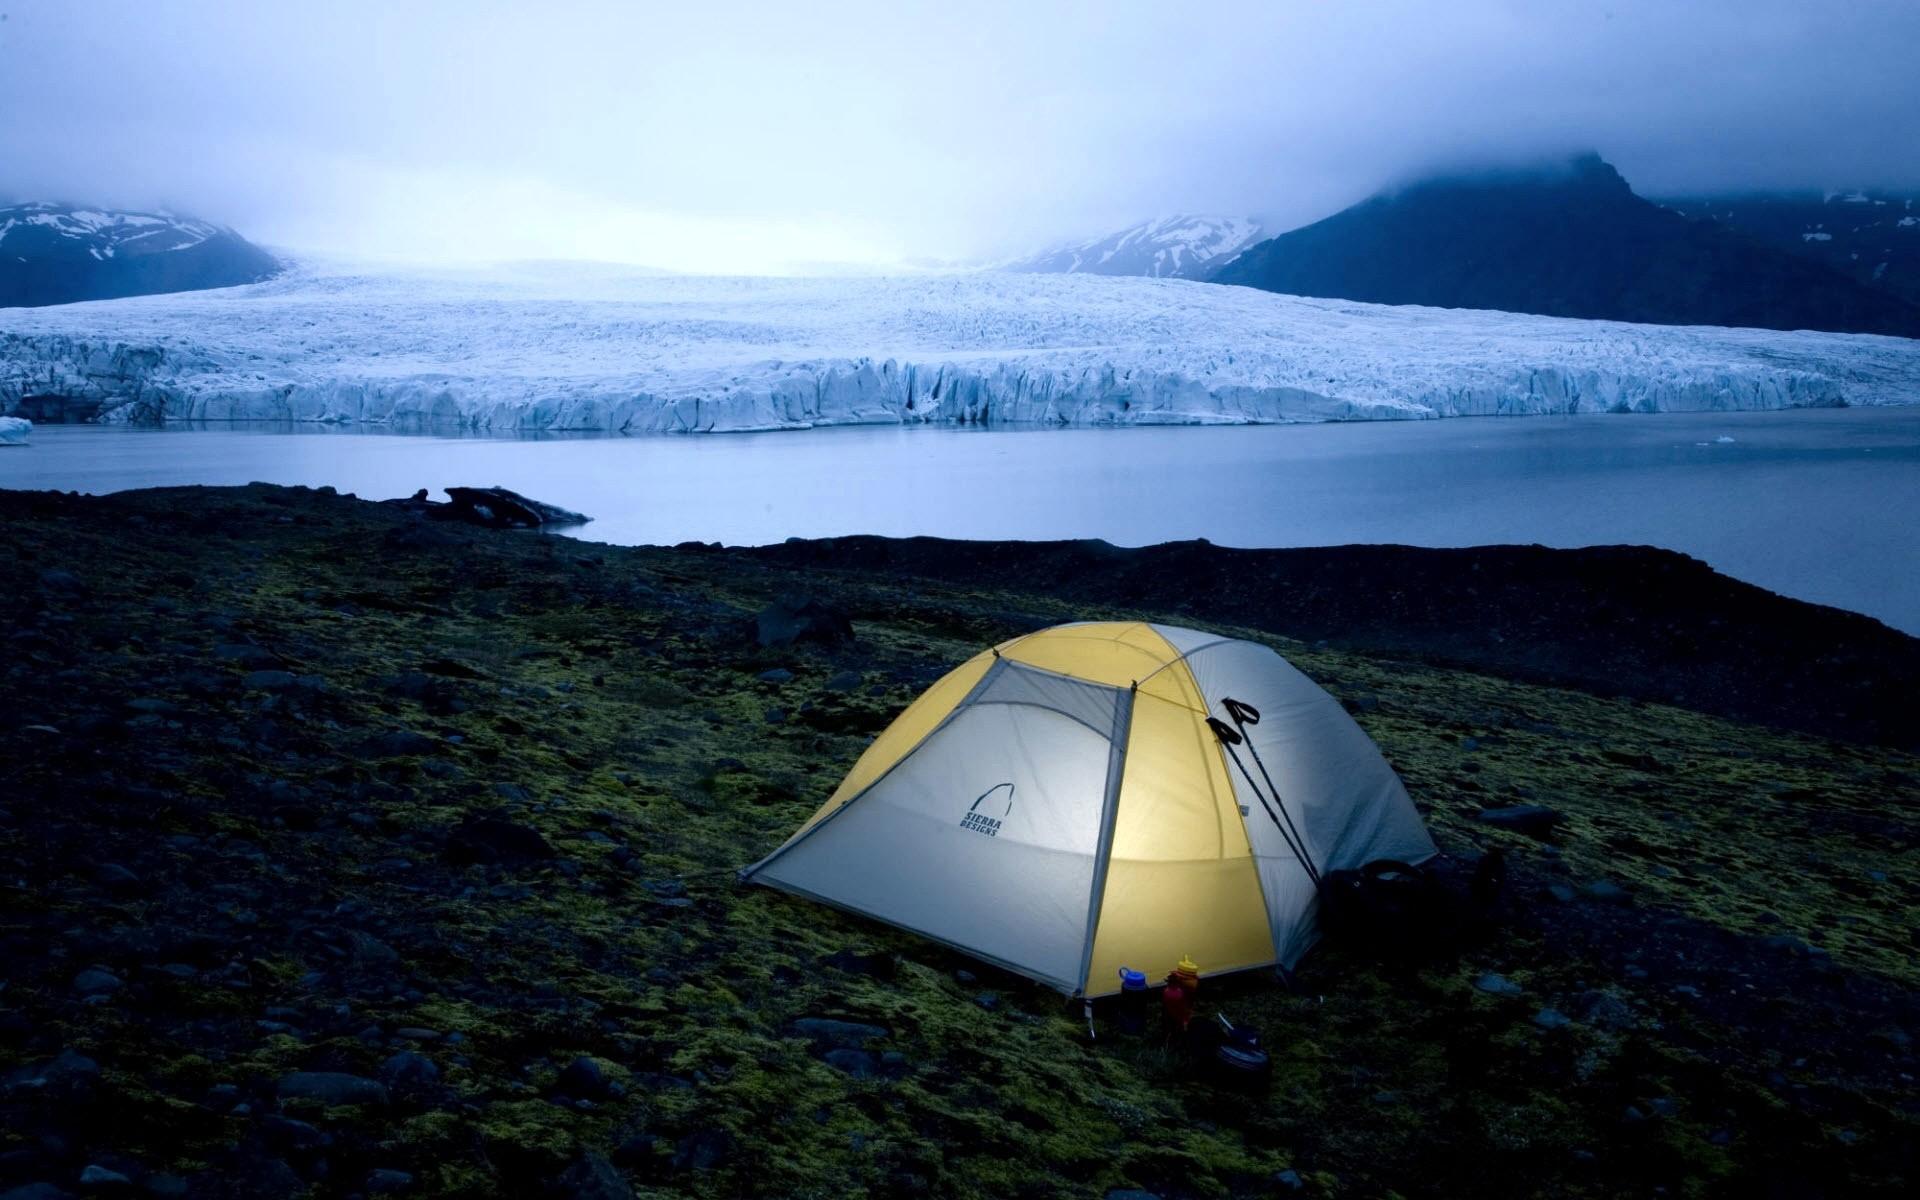 Acampando en el frio - 1920x1200